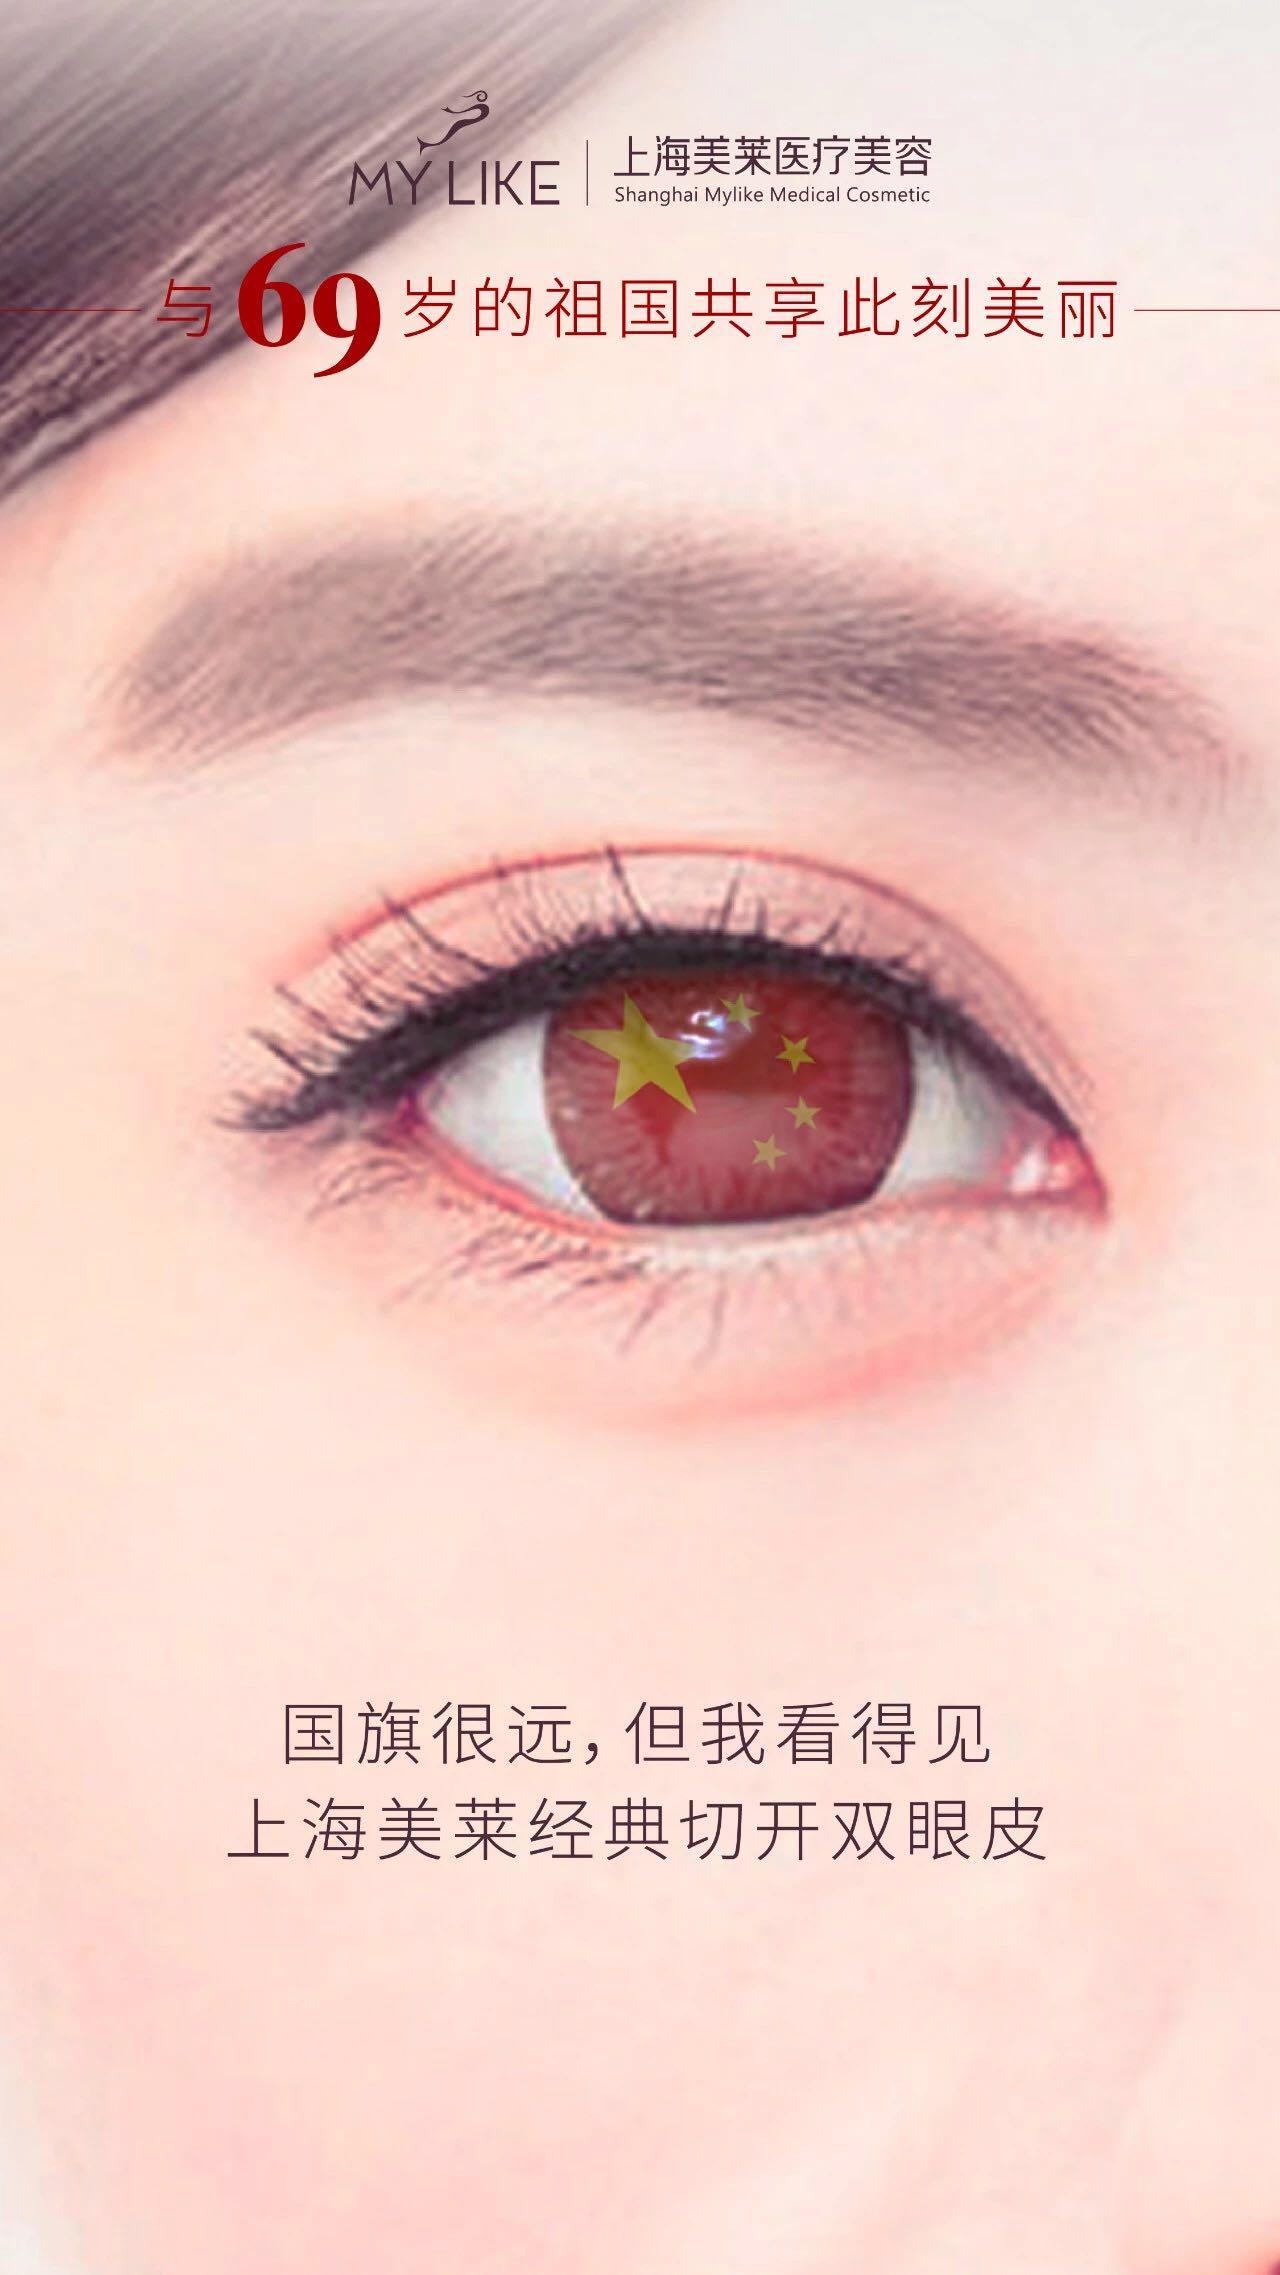 上海美莱国庆献礼,快来领取无限福利~